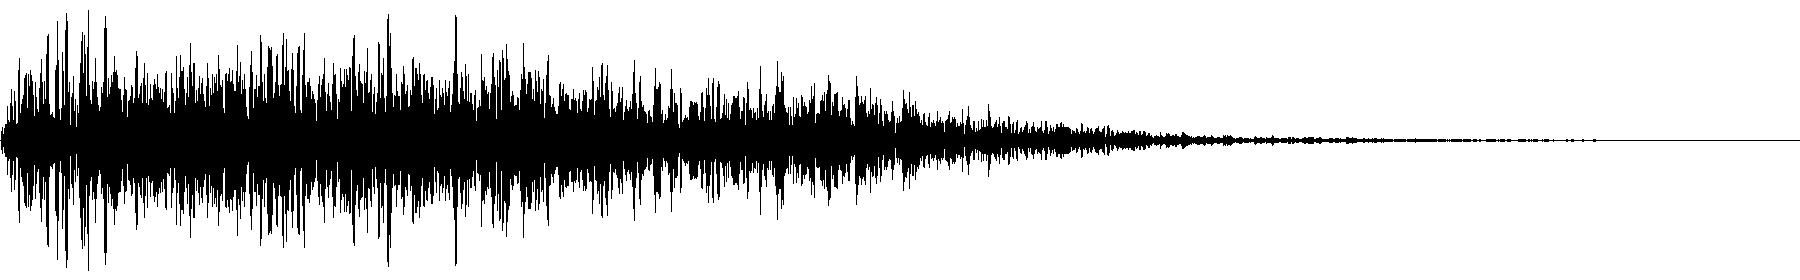 veh2 synths   131 c